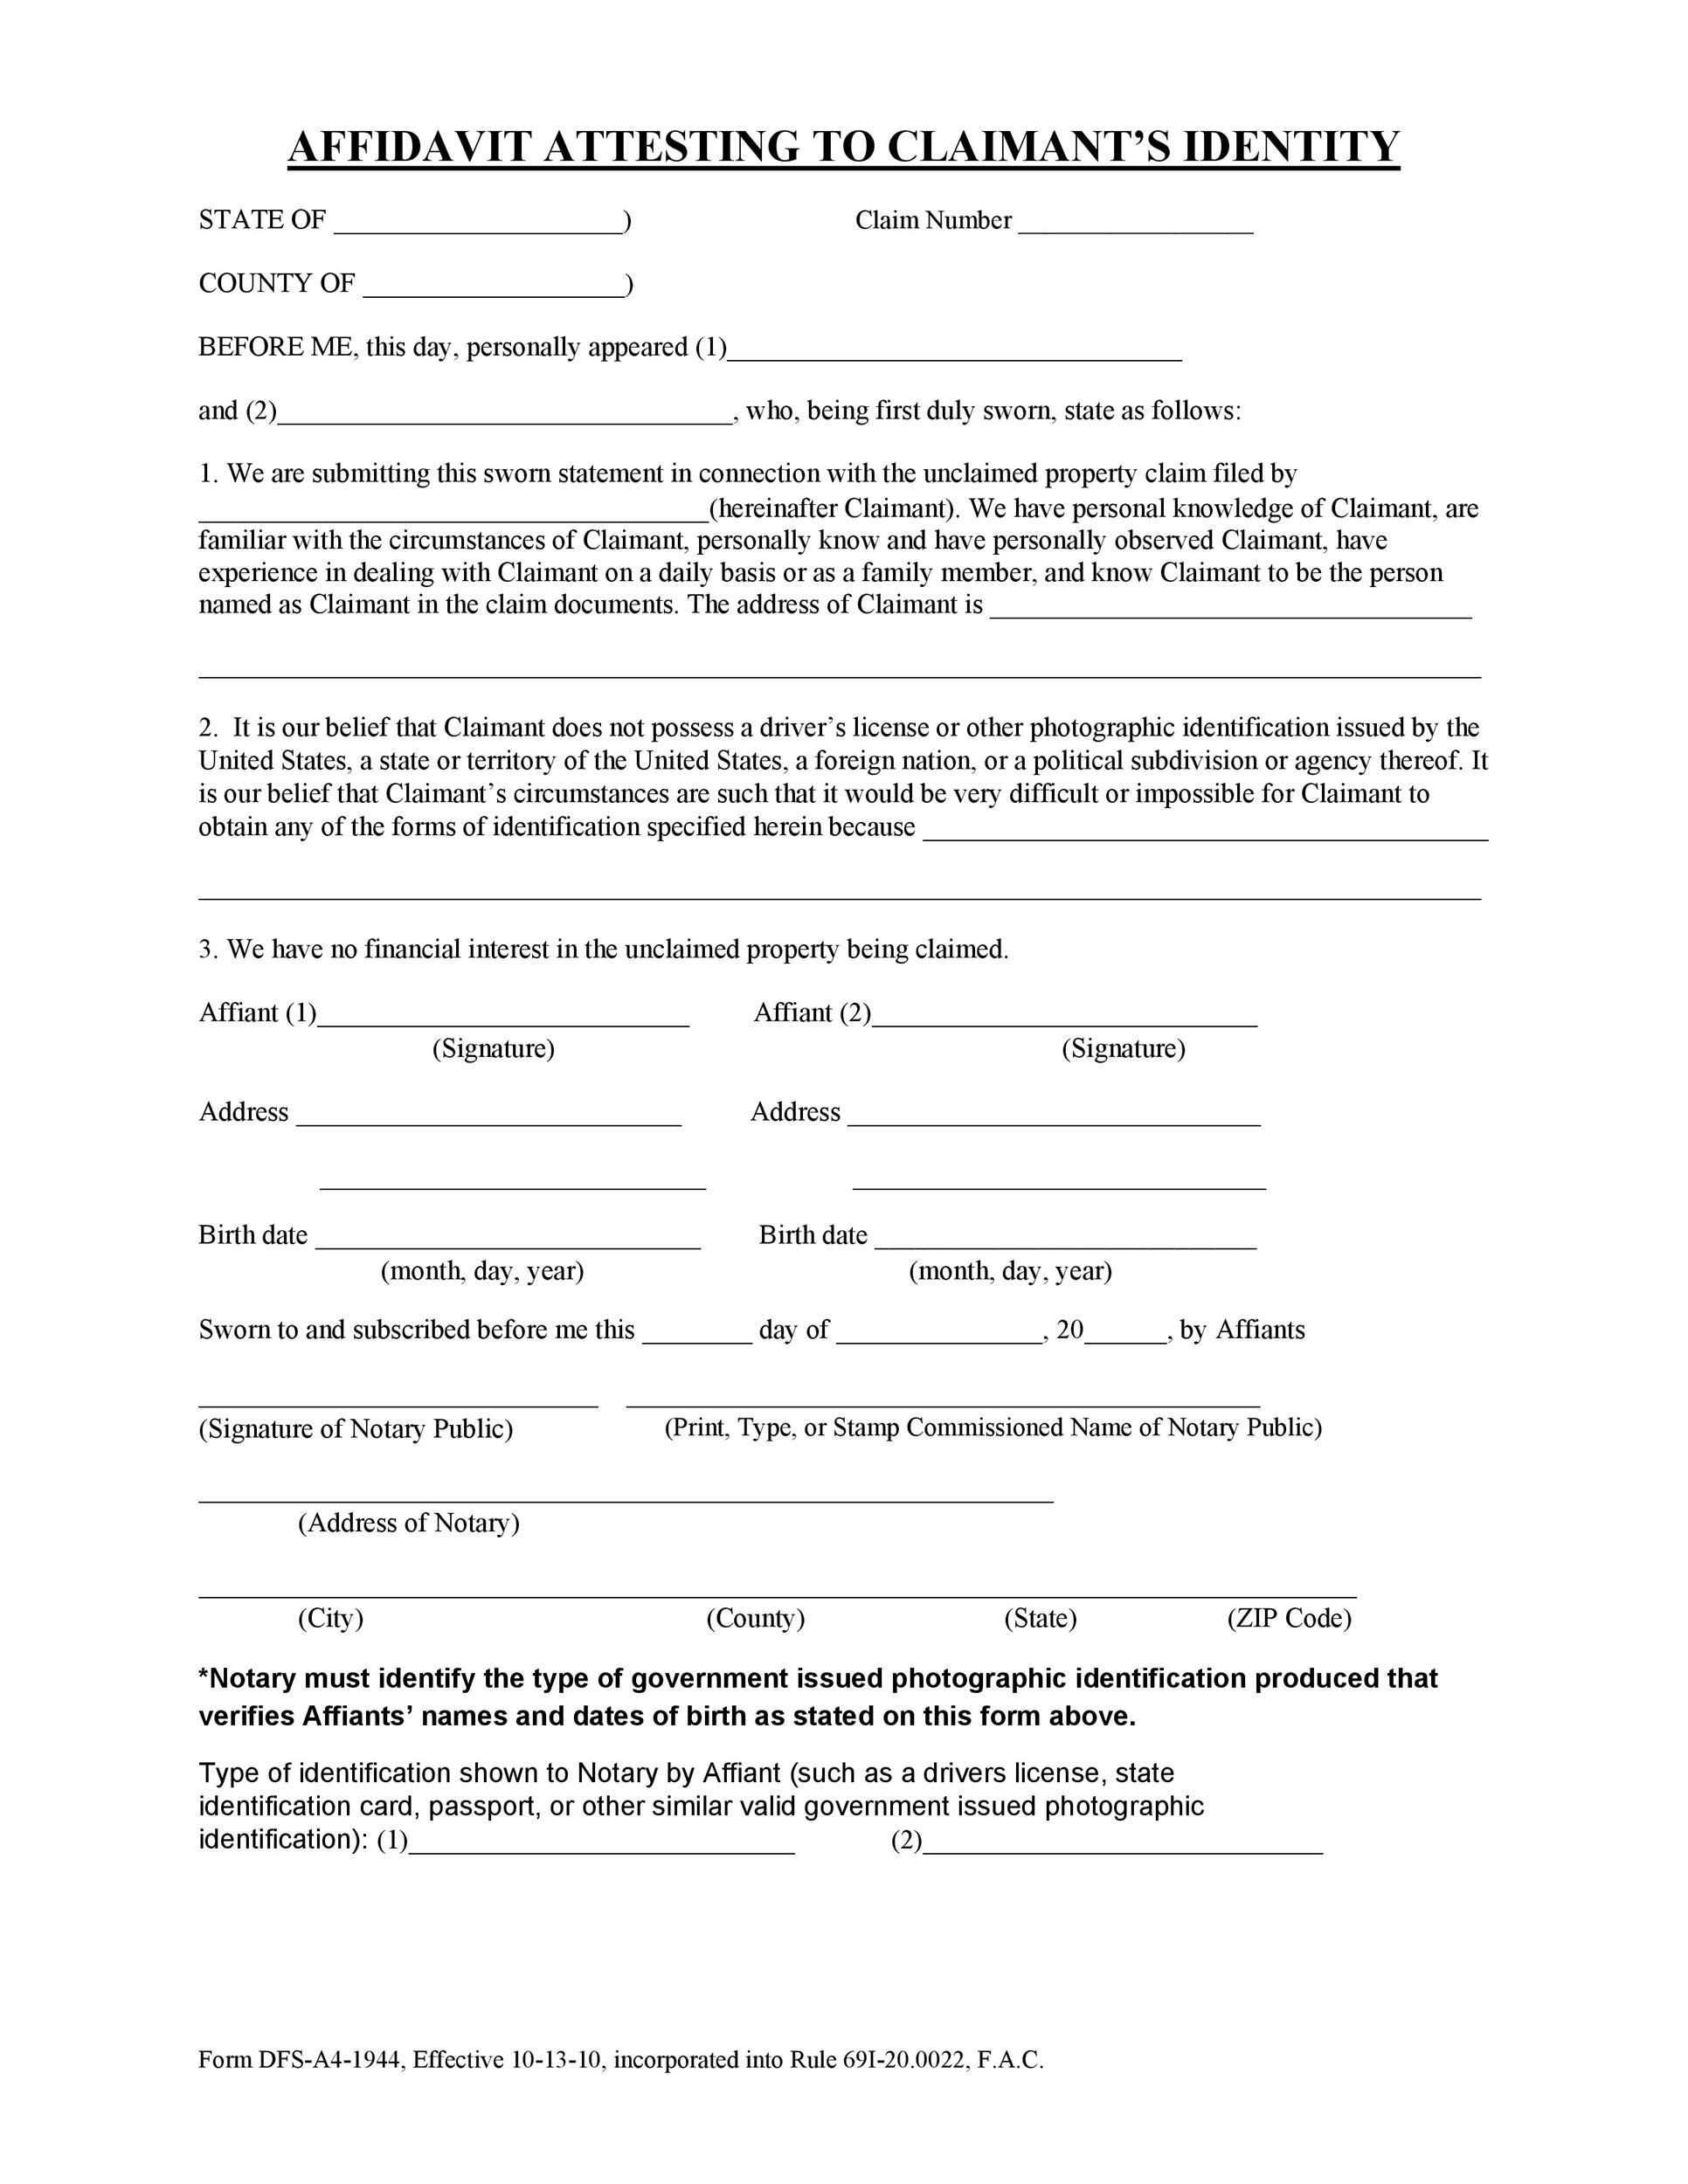 Free affidavit of identity 30